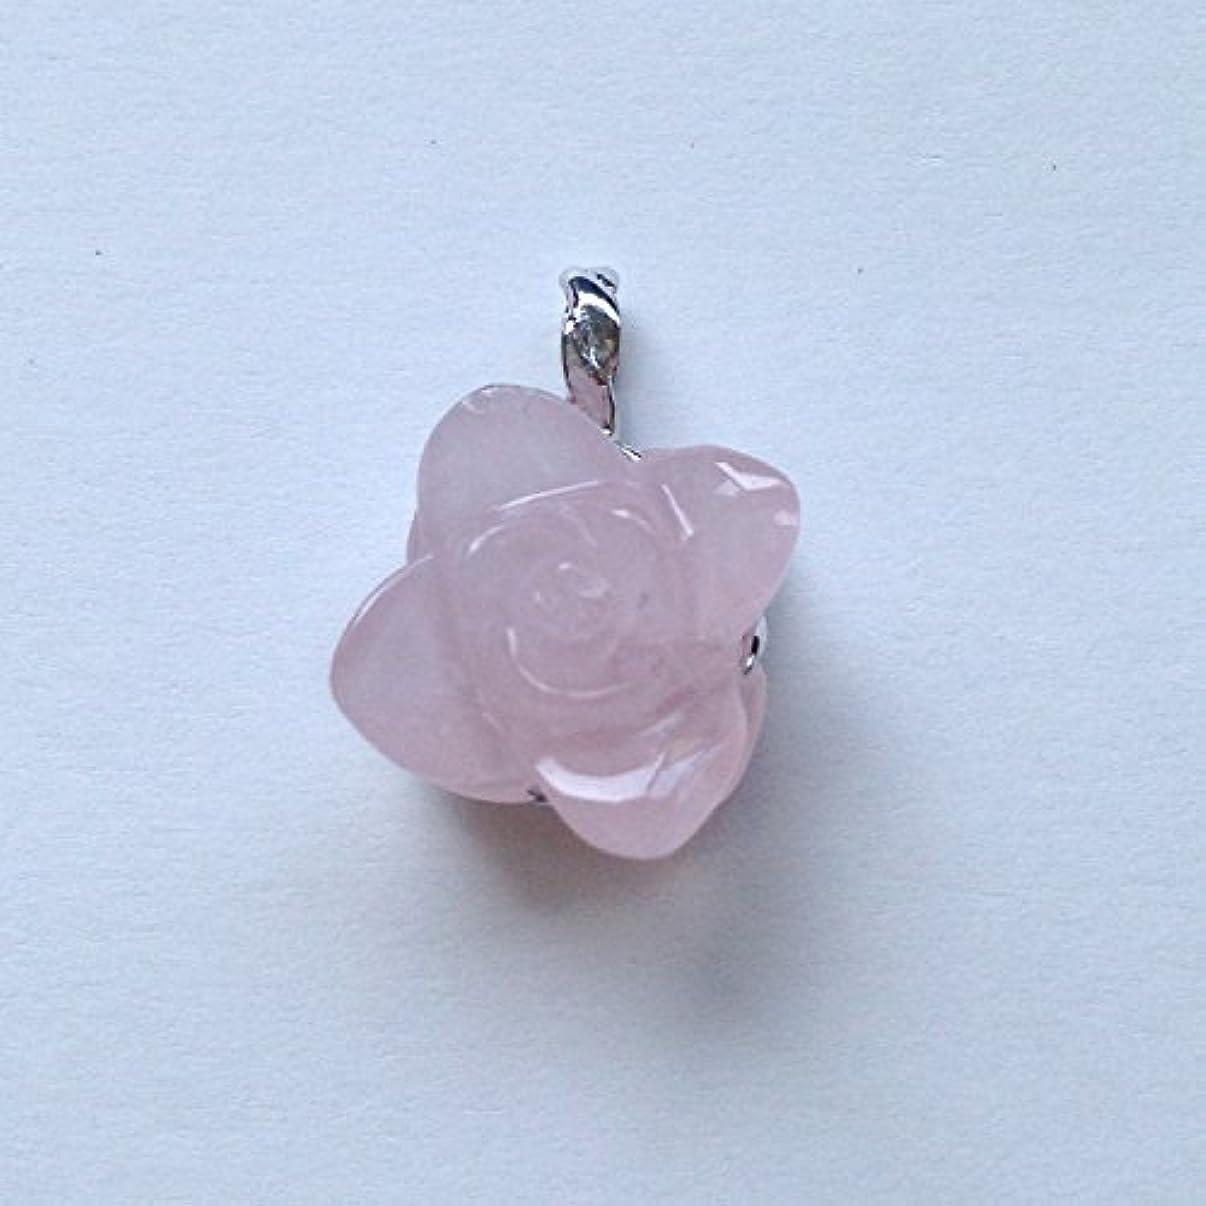 大量ピルファーエンディング香る宝石SVローズクォーツペンダント通常¥26,800の所 (Ag925)